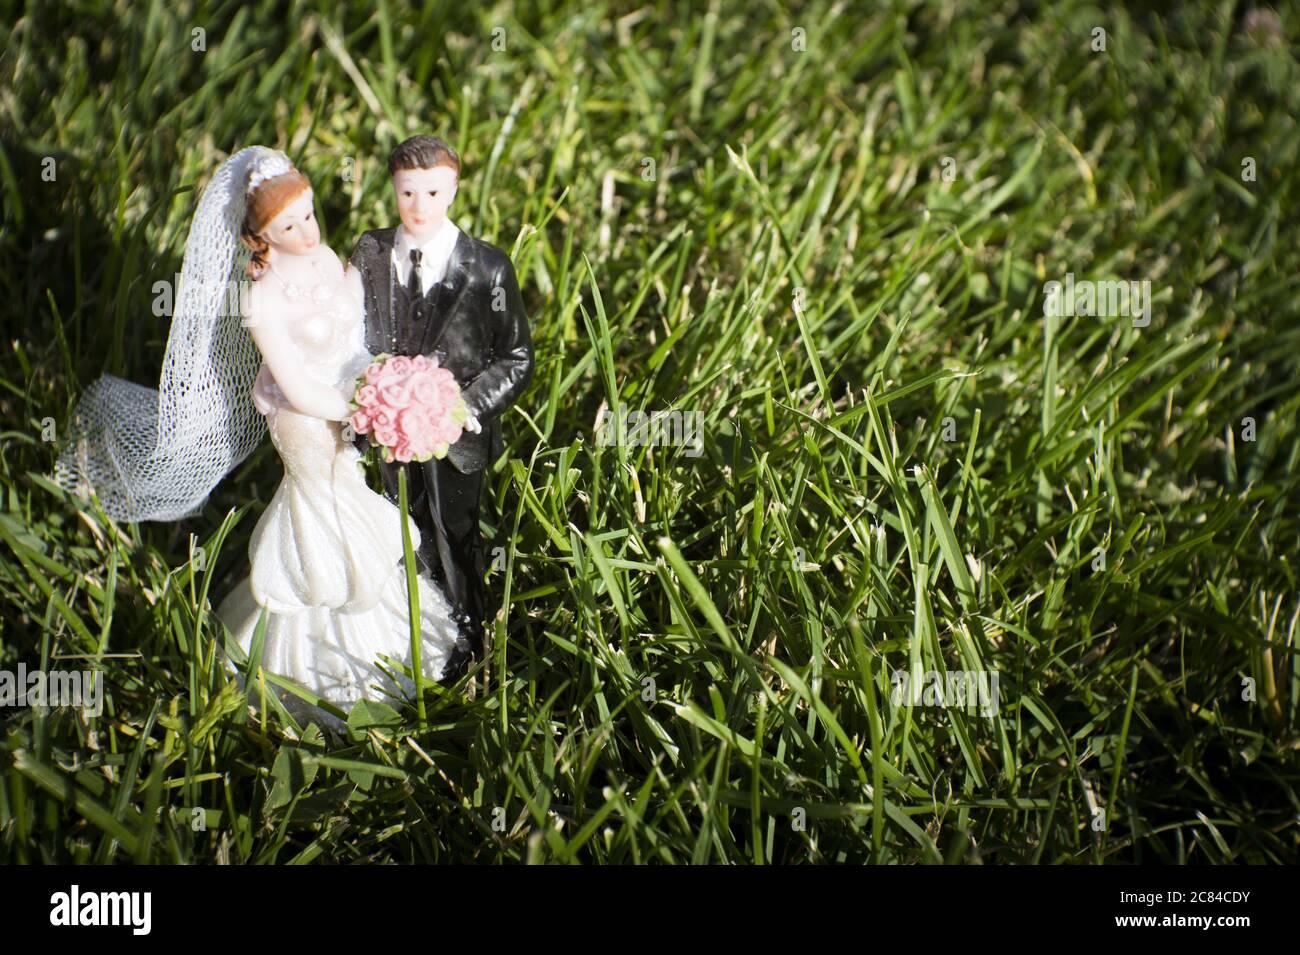 Standard-Figur des Ehepaares auf Naturrasen auf dem Feld. Draußen Stockfoto